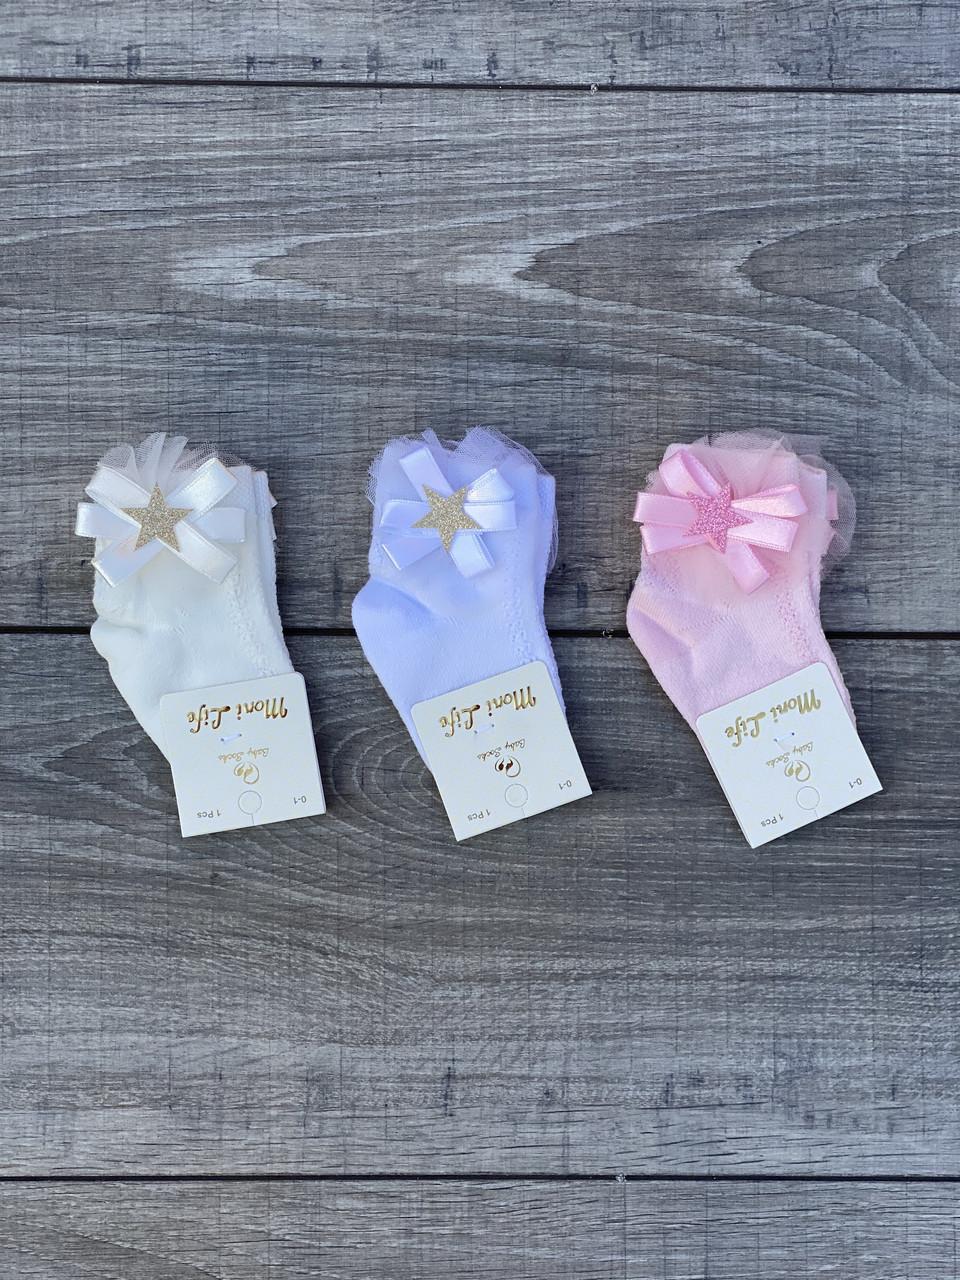 Носки детские Moni Life хлопковые для девочек 12 шт в уп светлое ассорти с бантиками